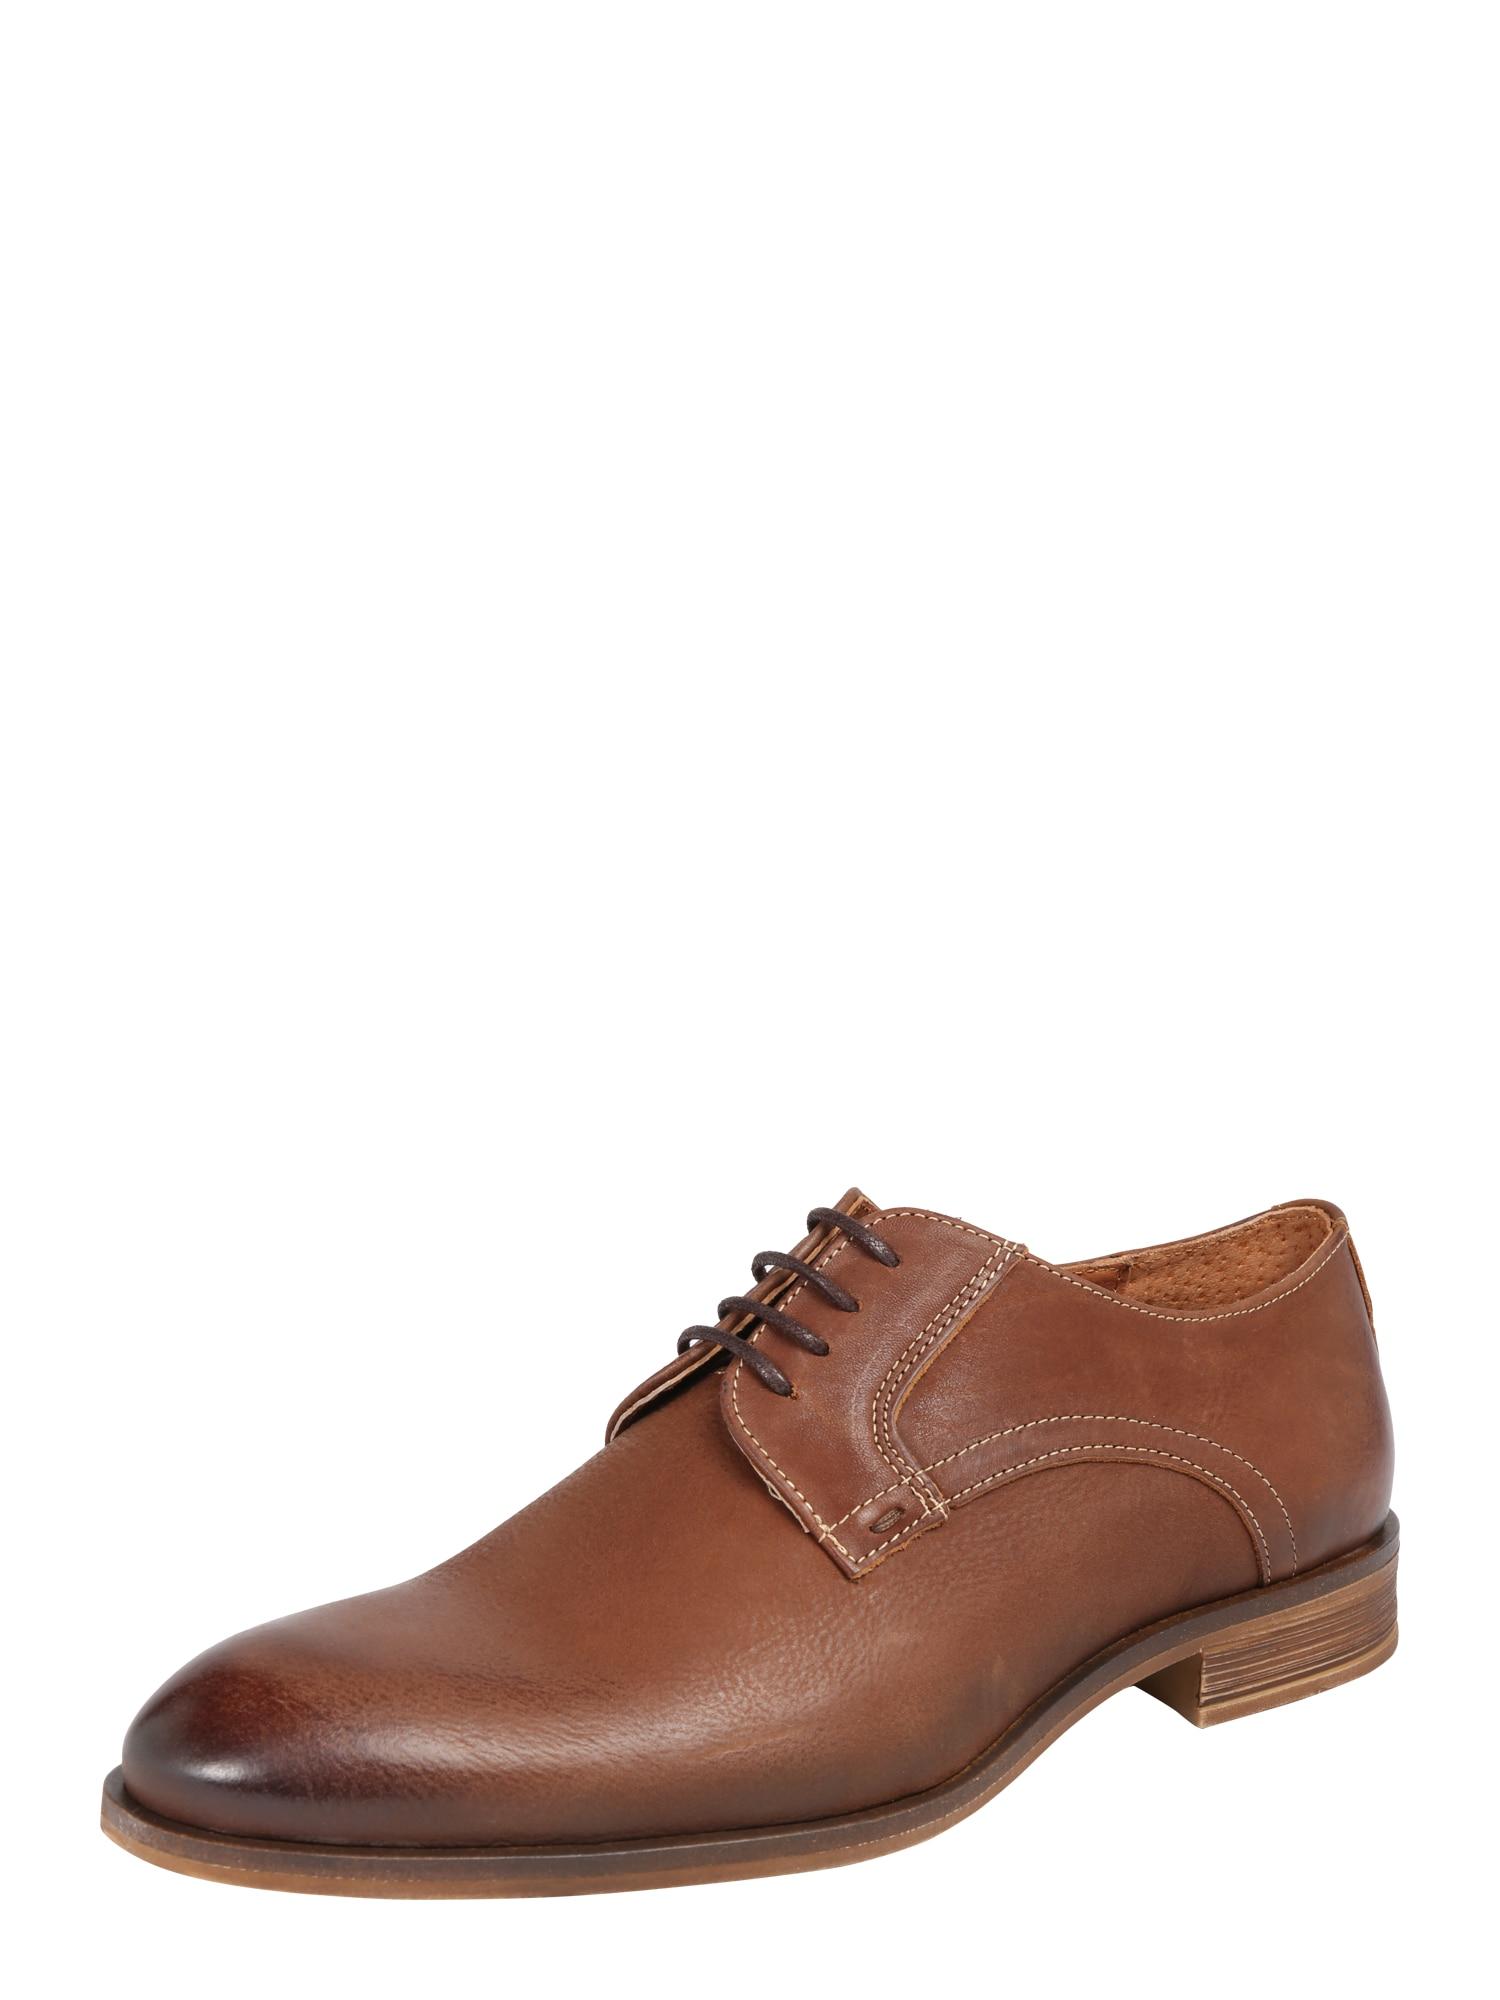 Šněrovací boty BYRON koňaková Bianco